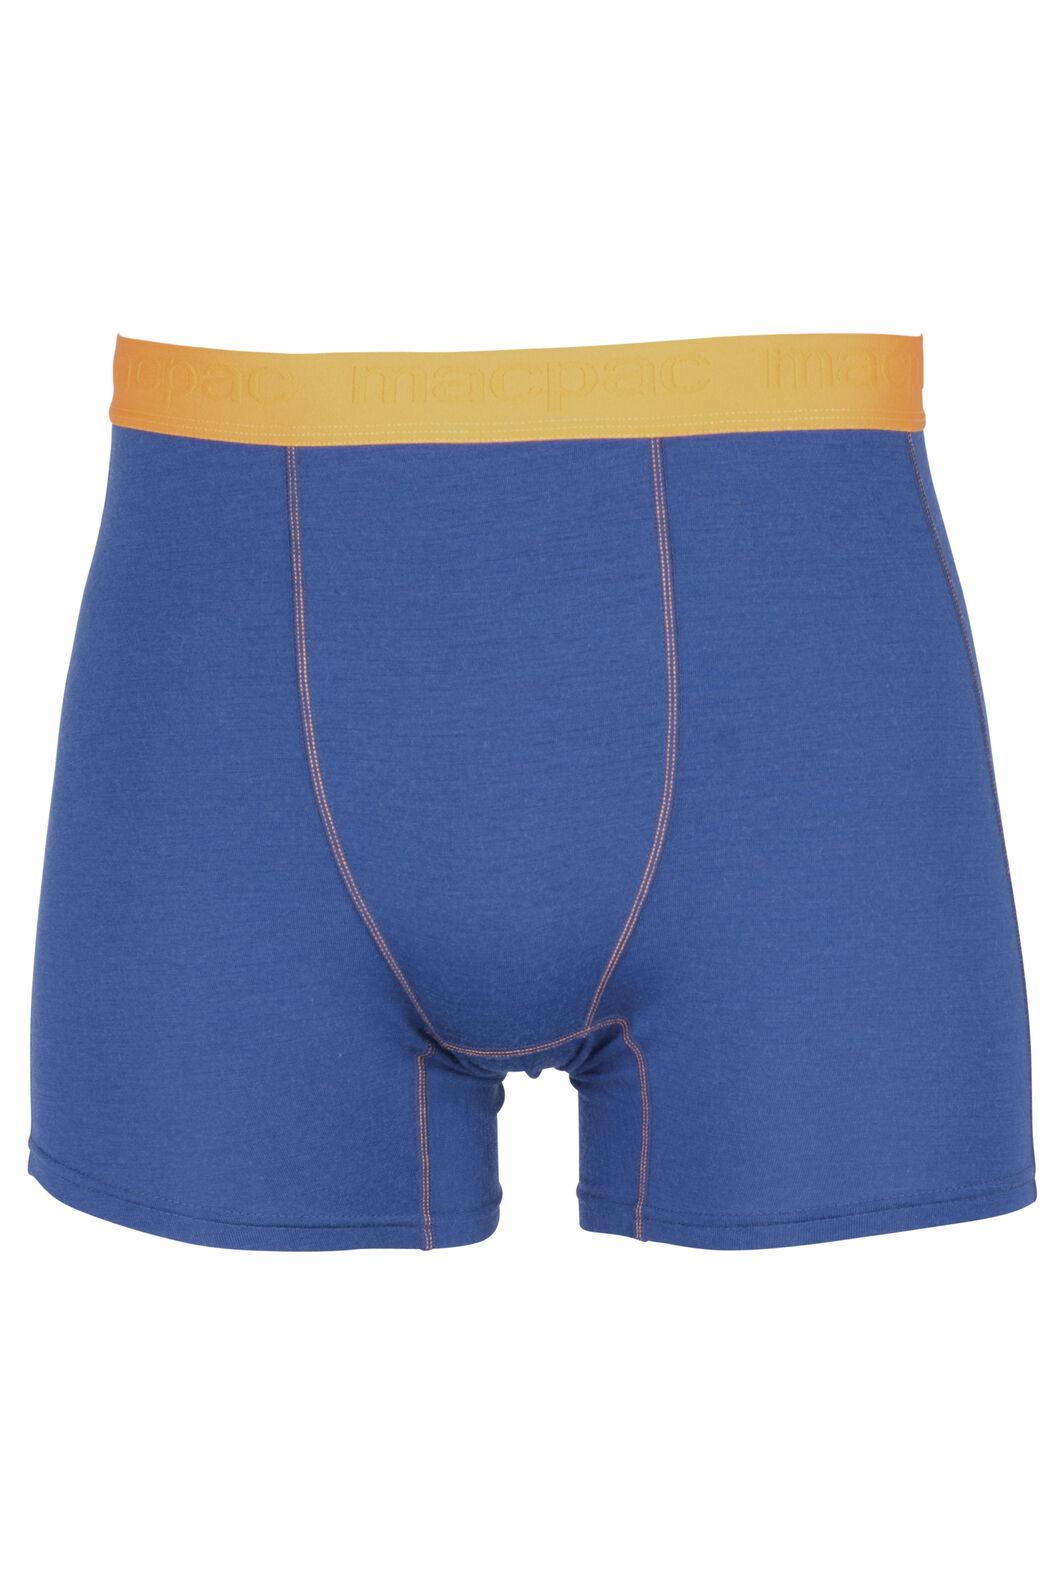 Macpac 180 Merino Boxers - Men's, Estate Blue, hi-res